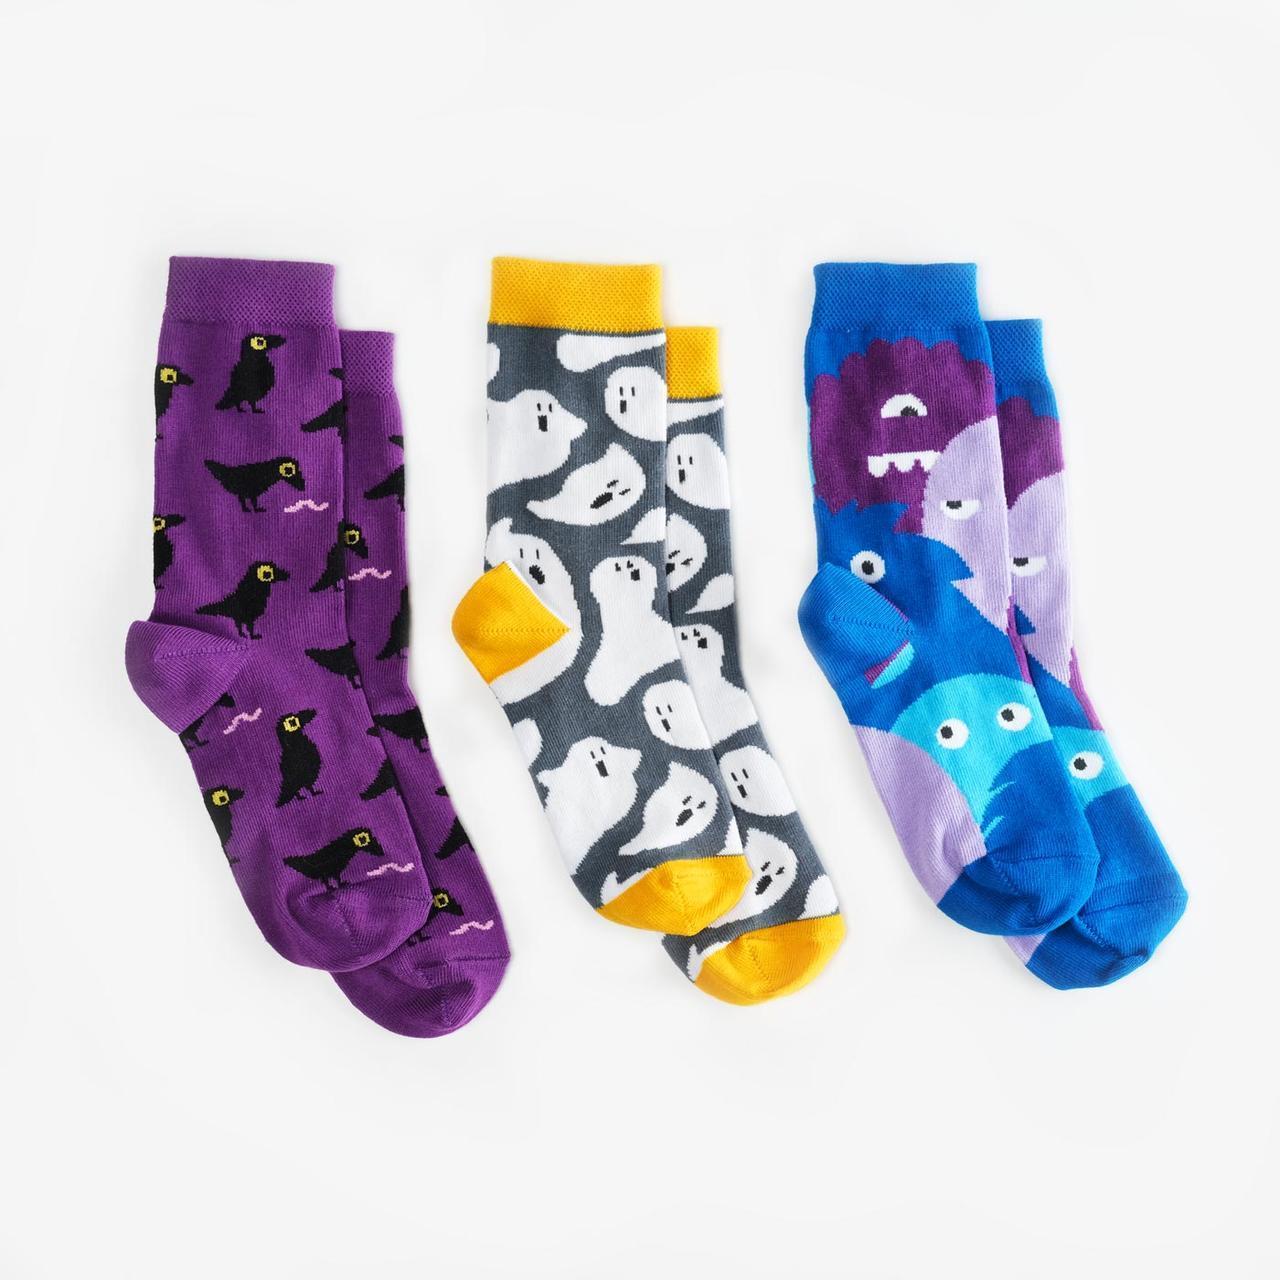 Шкарпетки дитячі Dodo Socks набір Babaiko 4-6 років